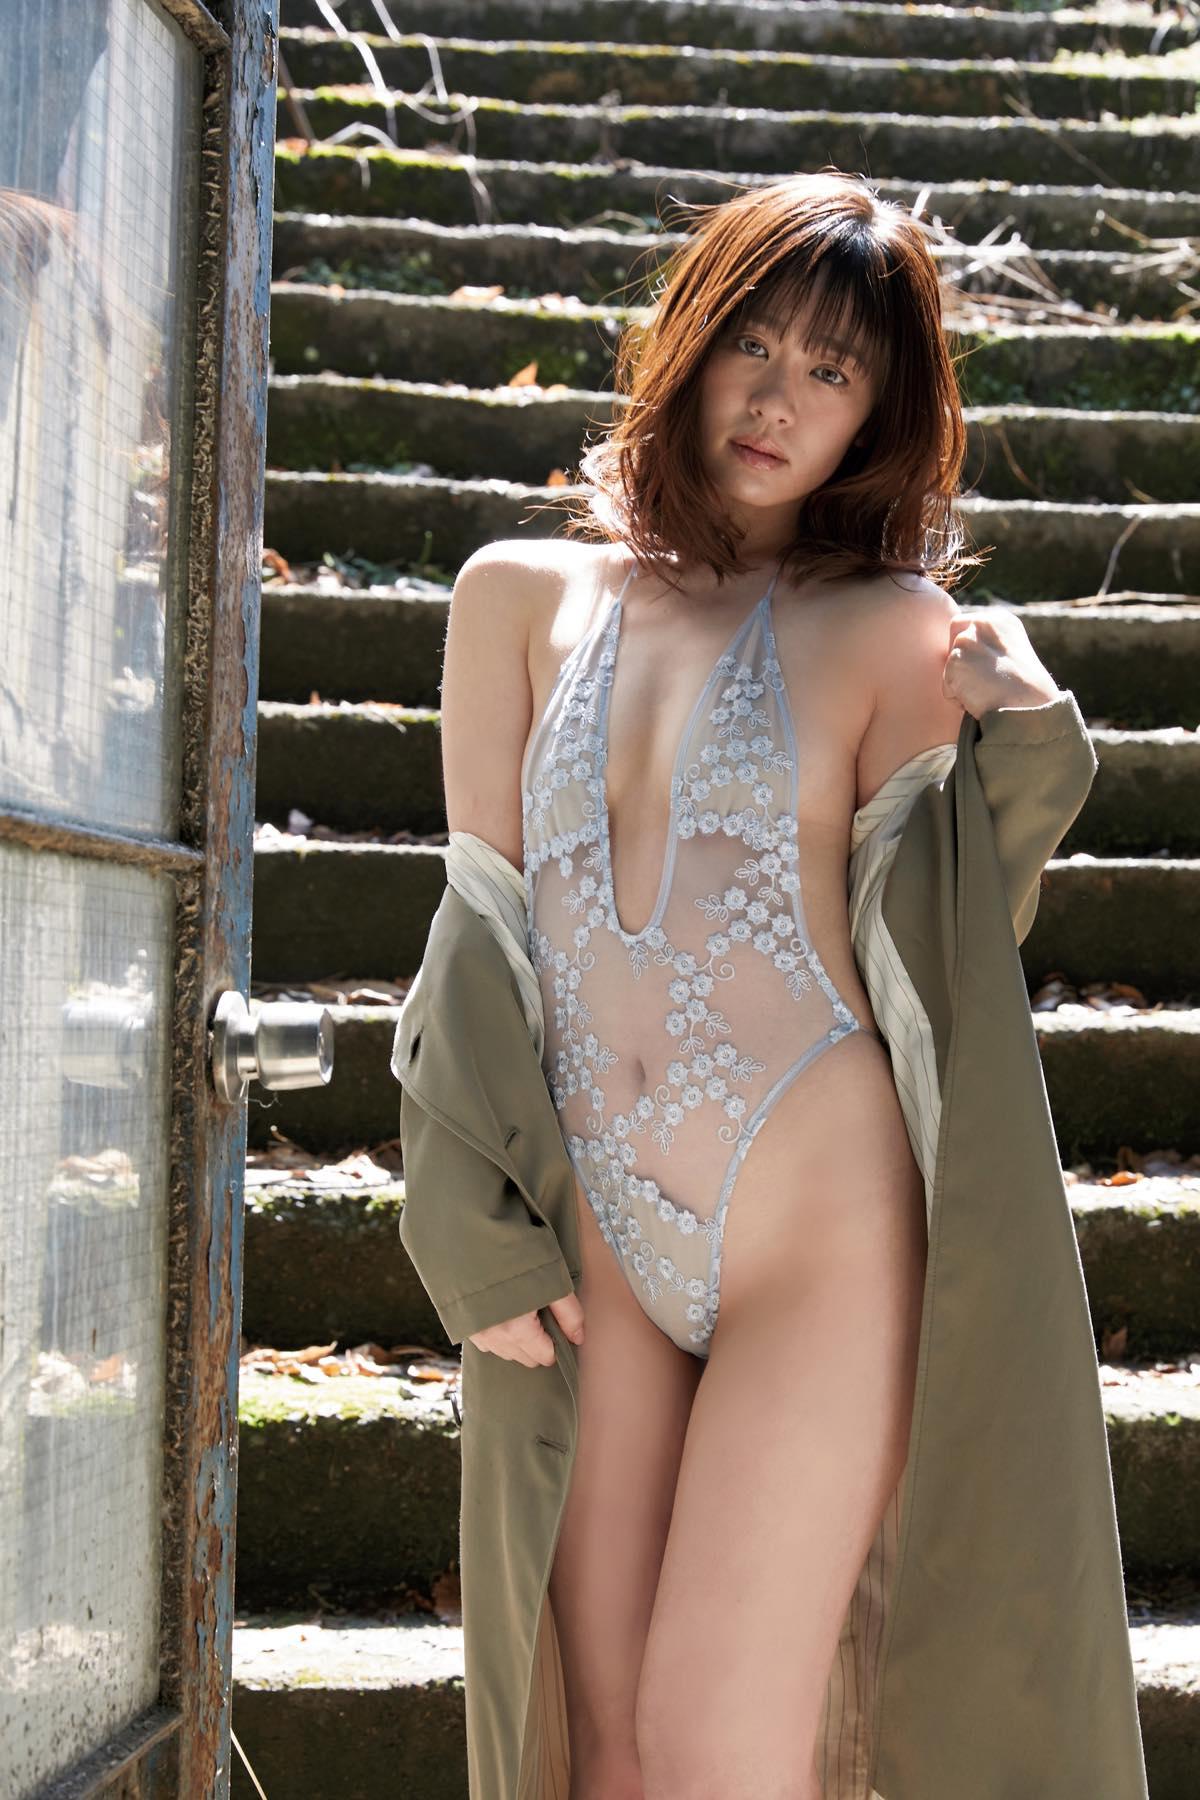 池田裕子「白桃のような美ヒップ」艶っぽい大人の魅力に撃沈!【画像12枚】の画像007